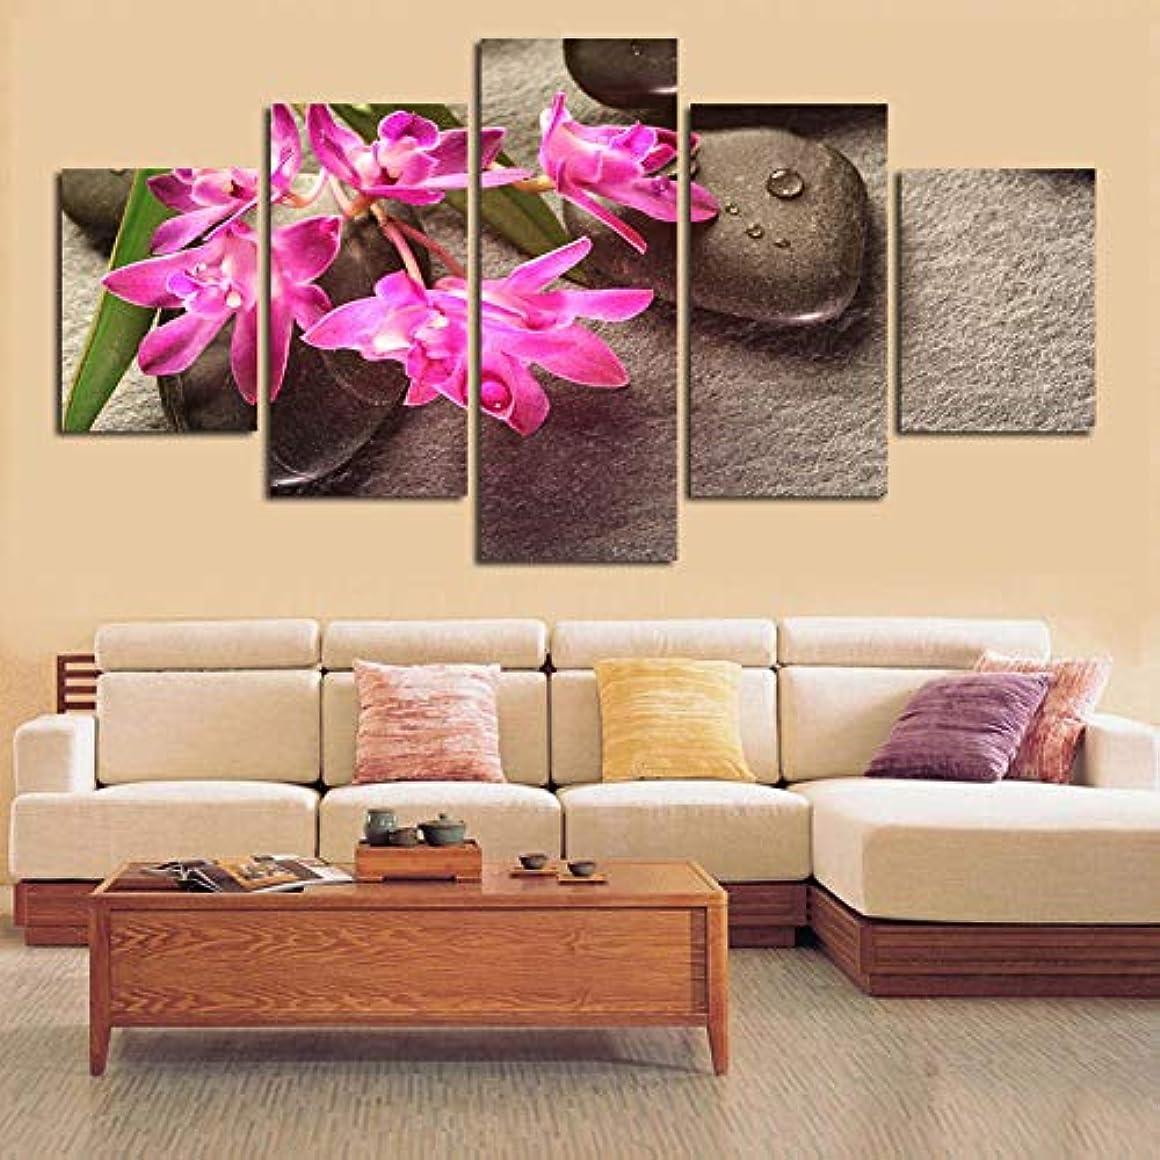 レイ巻き取りする必要があるOjilkt ファッション ピンク蘭石禅背景画像キャンバスペイントハウスホームデコレーションアート壁に-Size1-フレーム